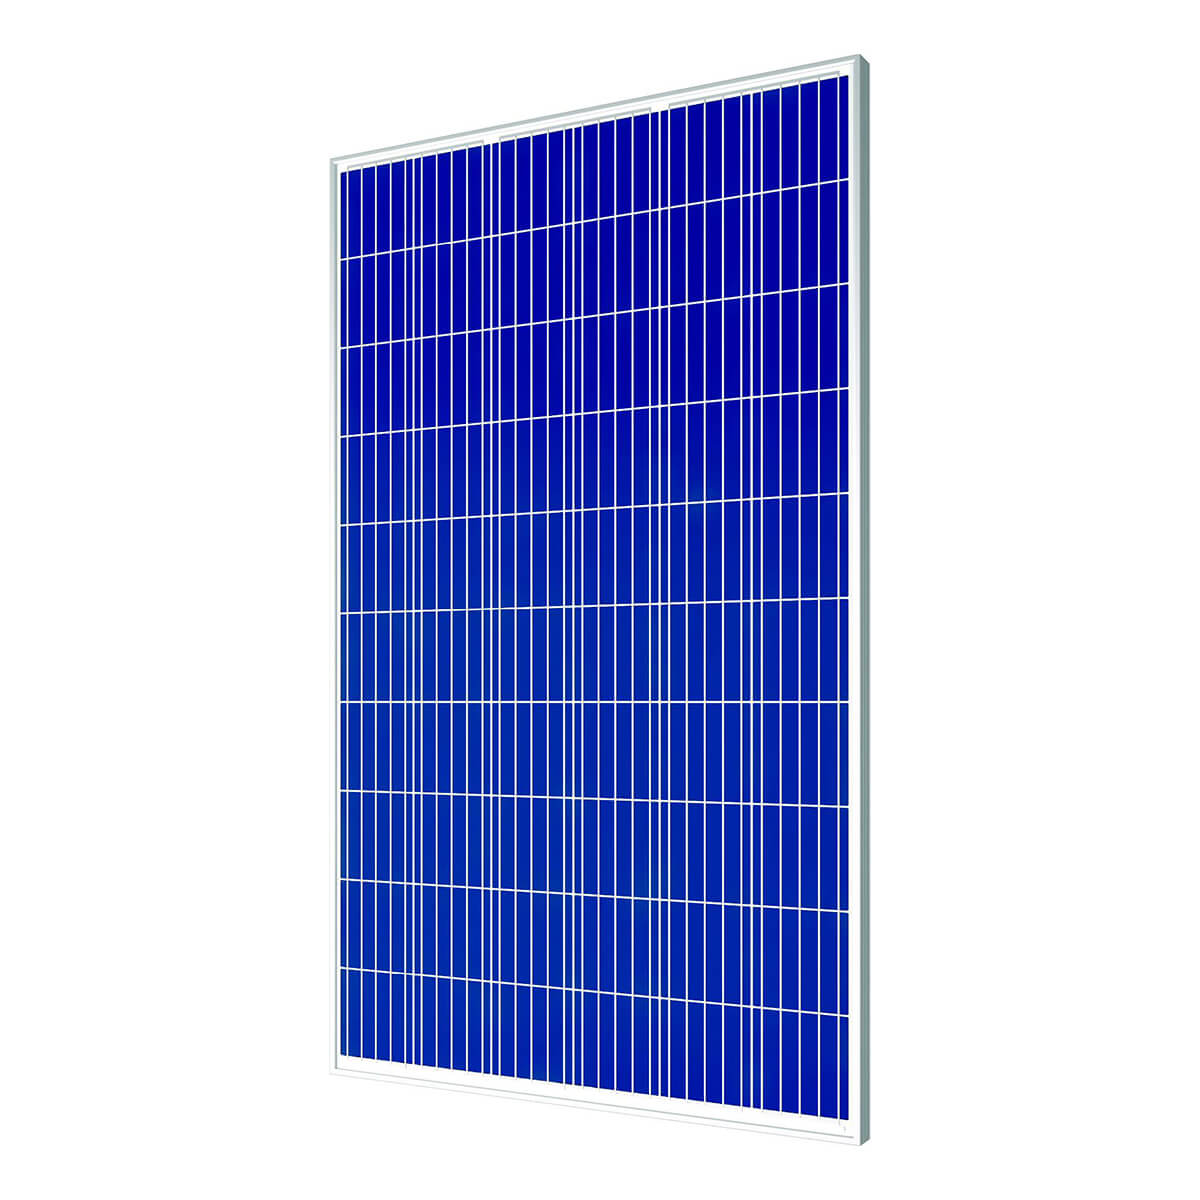 cw enerji 285W panel, cw enerji 285Watt panel, cw enerji 285 W panel, cw enerji 285 Watt panel, cw enerji 285 Watt polikristal panel, cw enerji 285 W watt gunes paneli, cw enerji 285 W watt polikristal gunes paneli, cw enerji 285 W Watt fotovoltaik polikristal solar panel, cw enerji 285W polikristal gunes enerjisi, cw enerji CWT285-60P-285 panel, CW Enerji 285 WATT